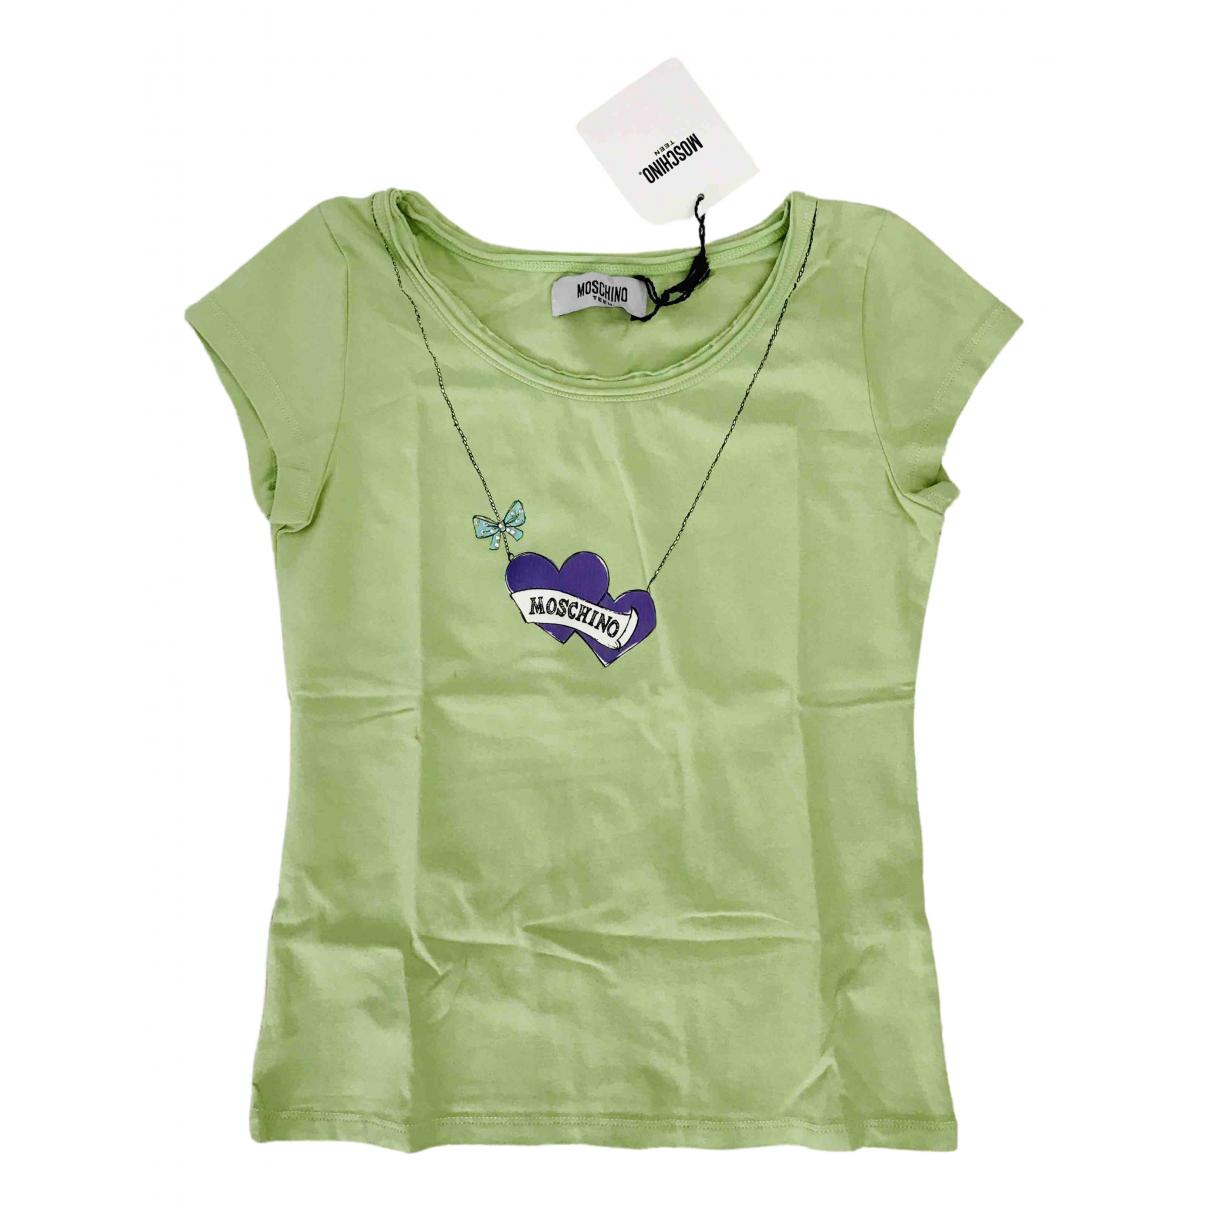 Moschino - Top   pour enfant en coton - vert